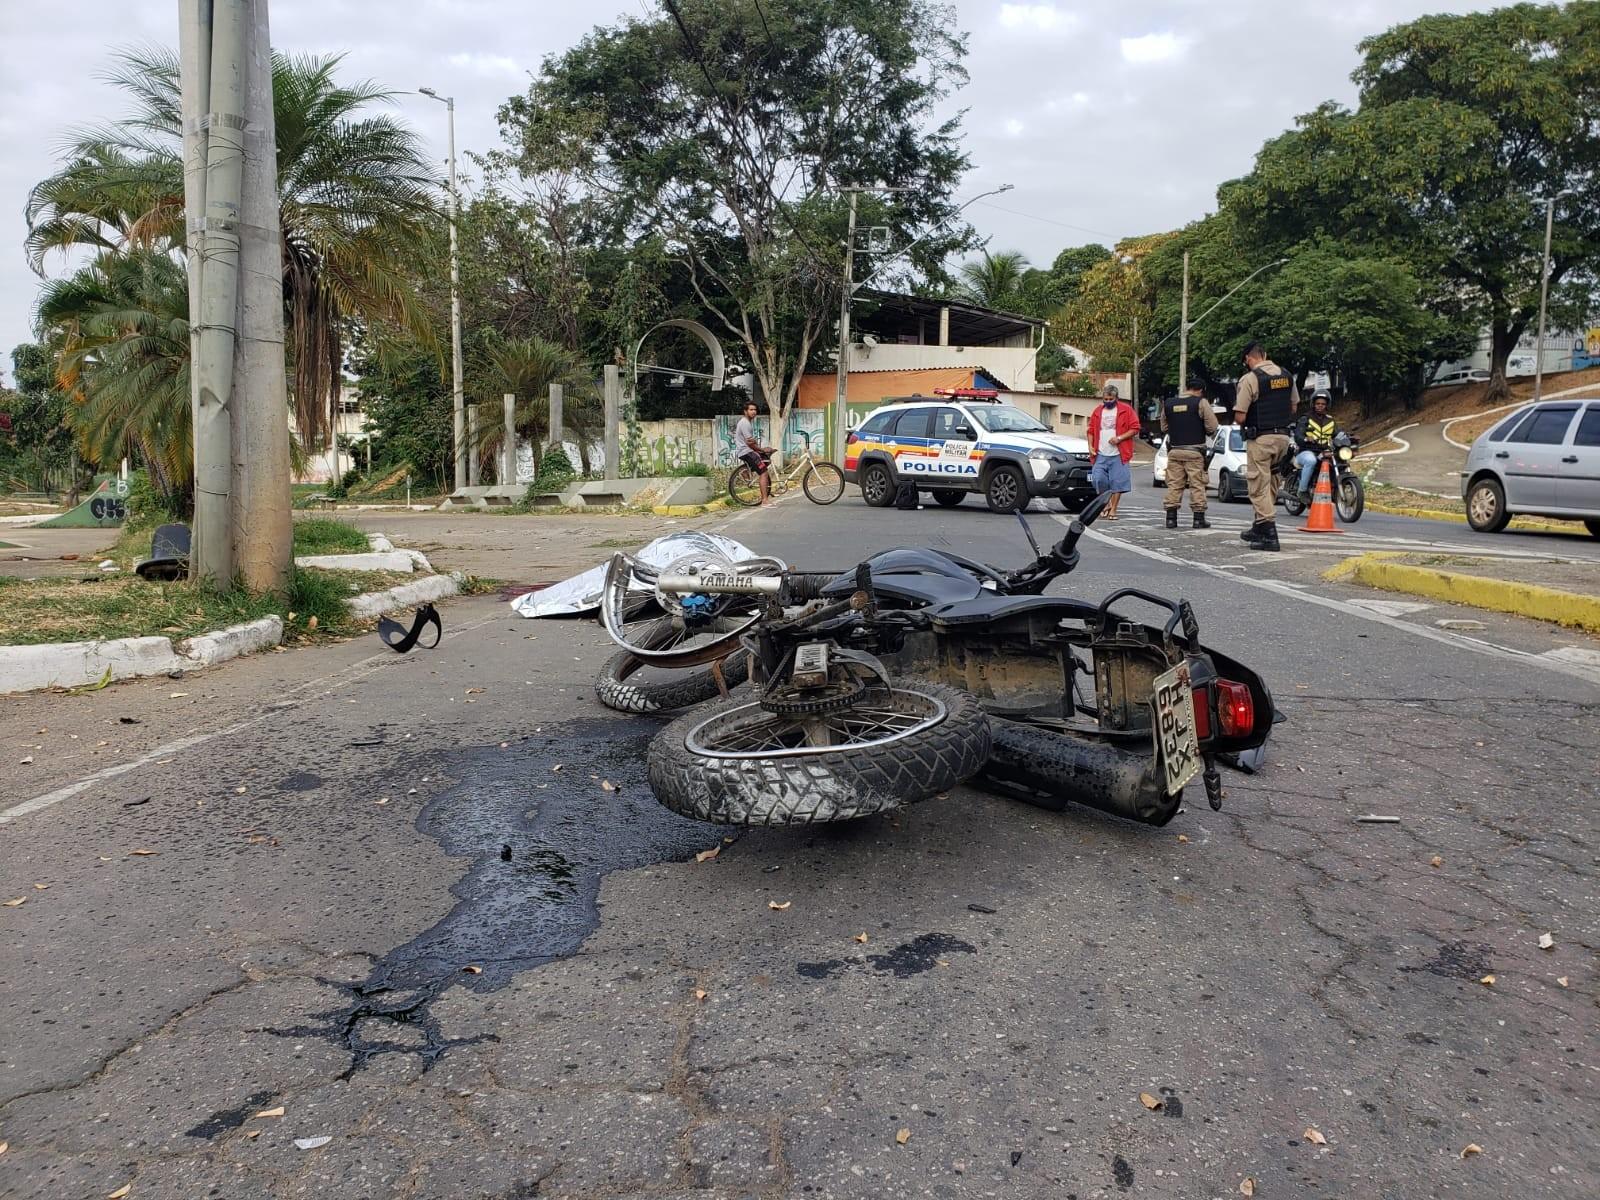 Motociclista morre após bater em poste no dia em que fazia aniversário de 25 anos